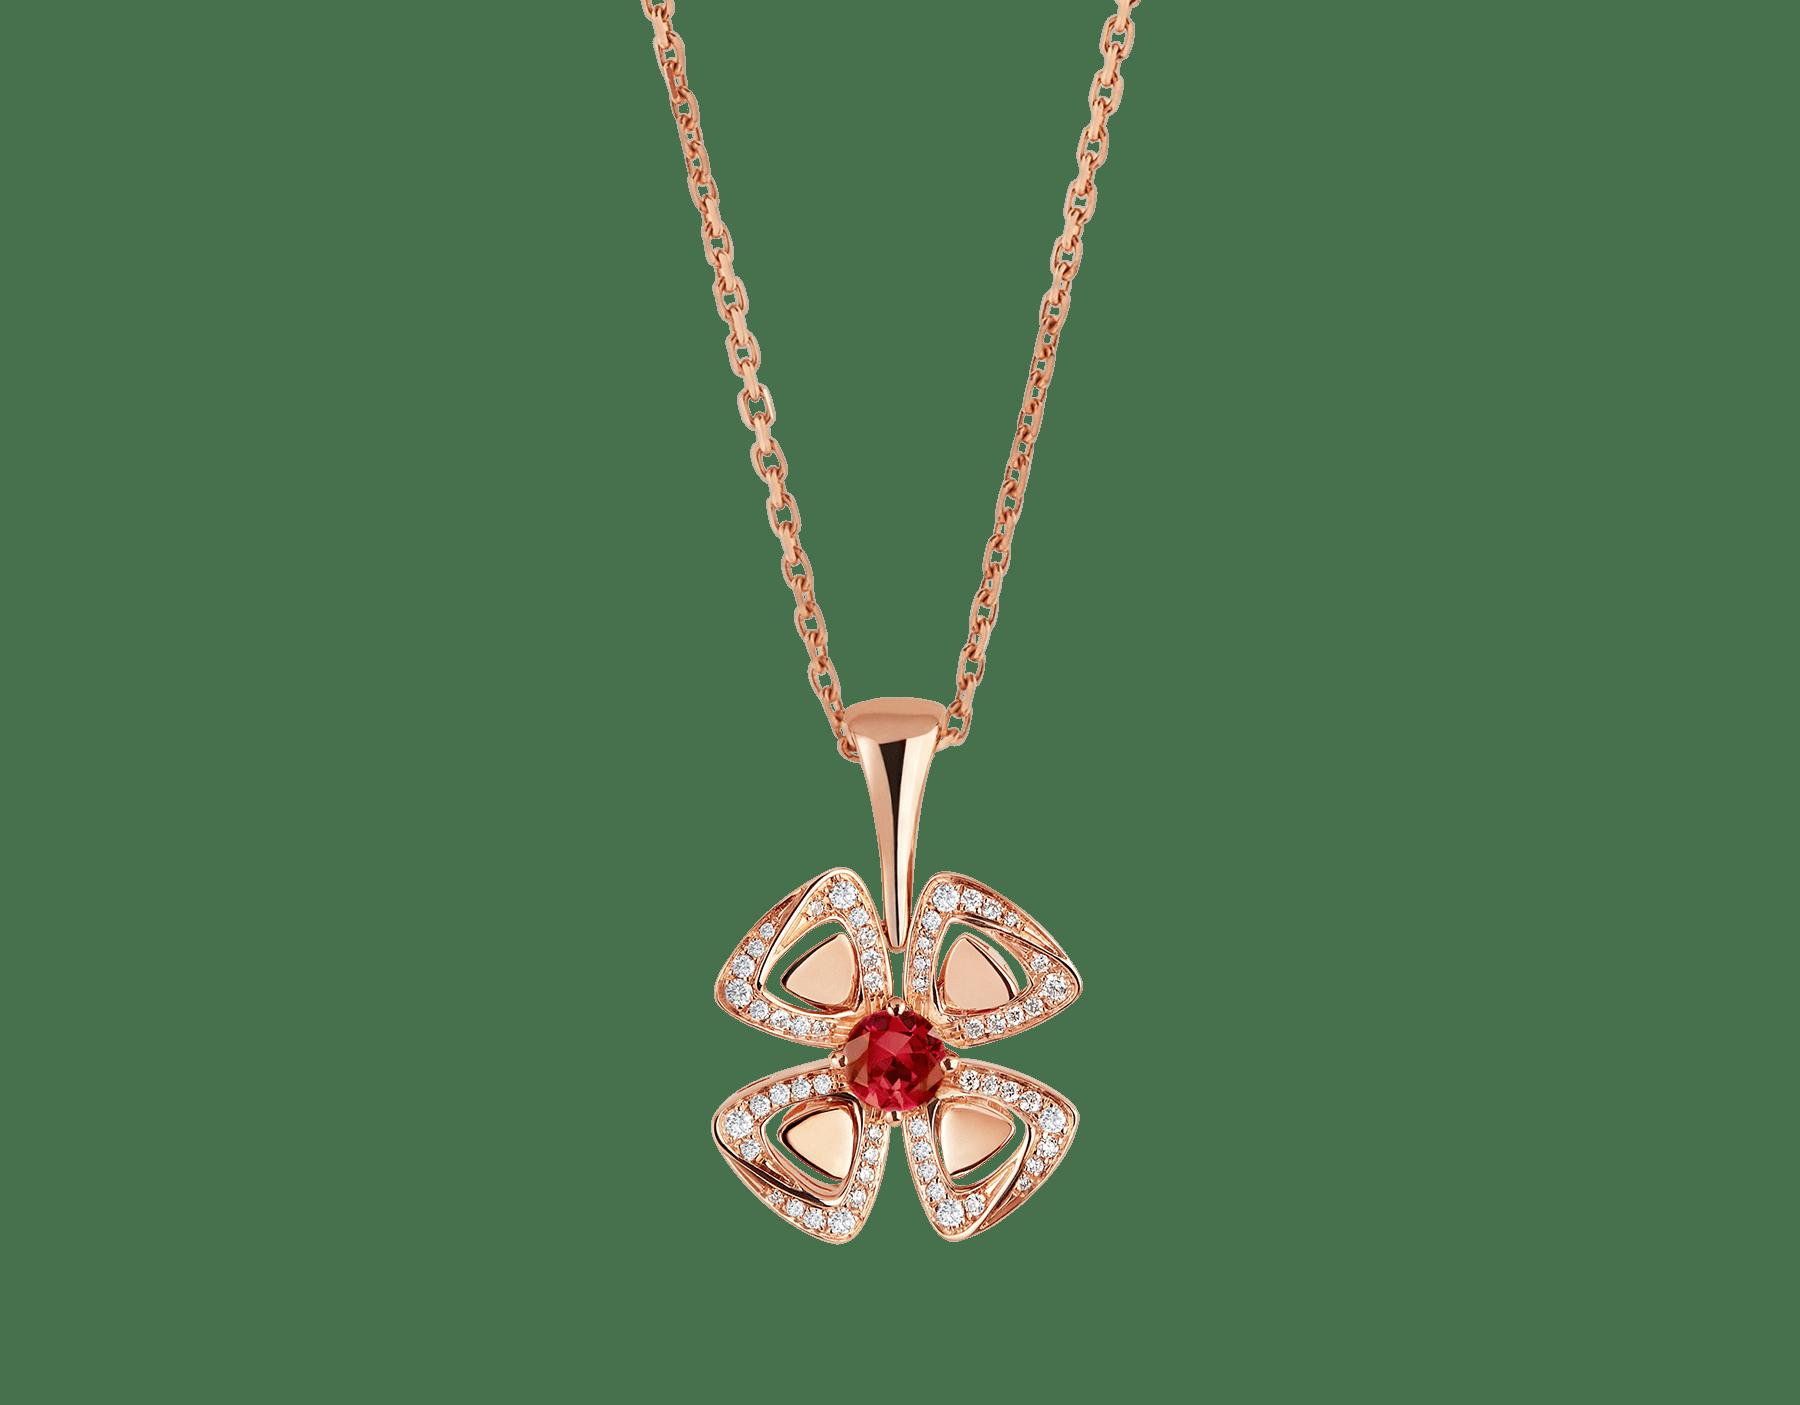 Collier Fiorever en or rose 18K serti d'un rubis de centre avec pavé diamants 356224 image 1